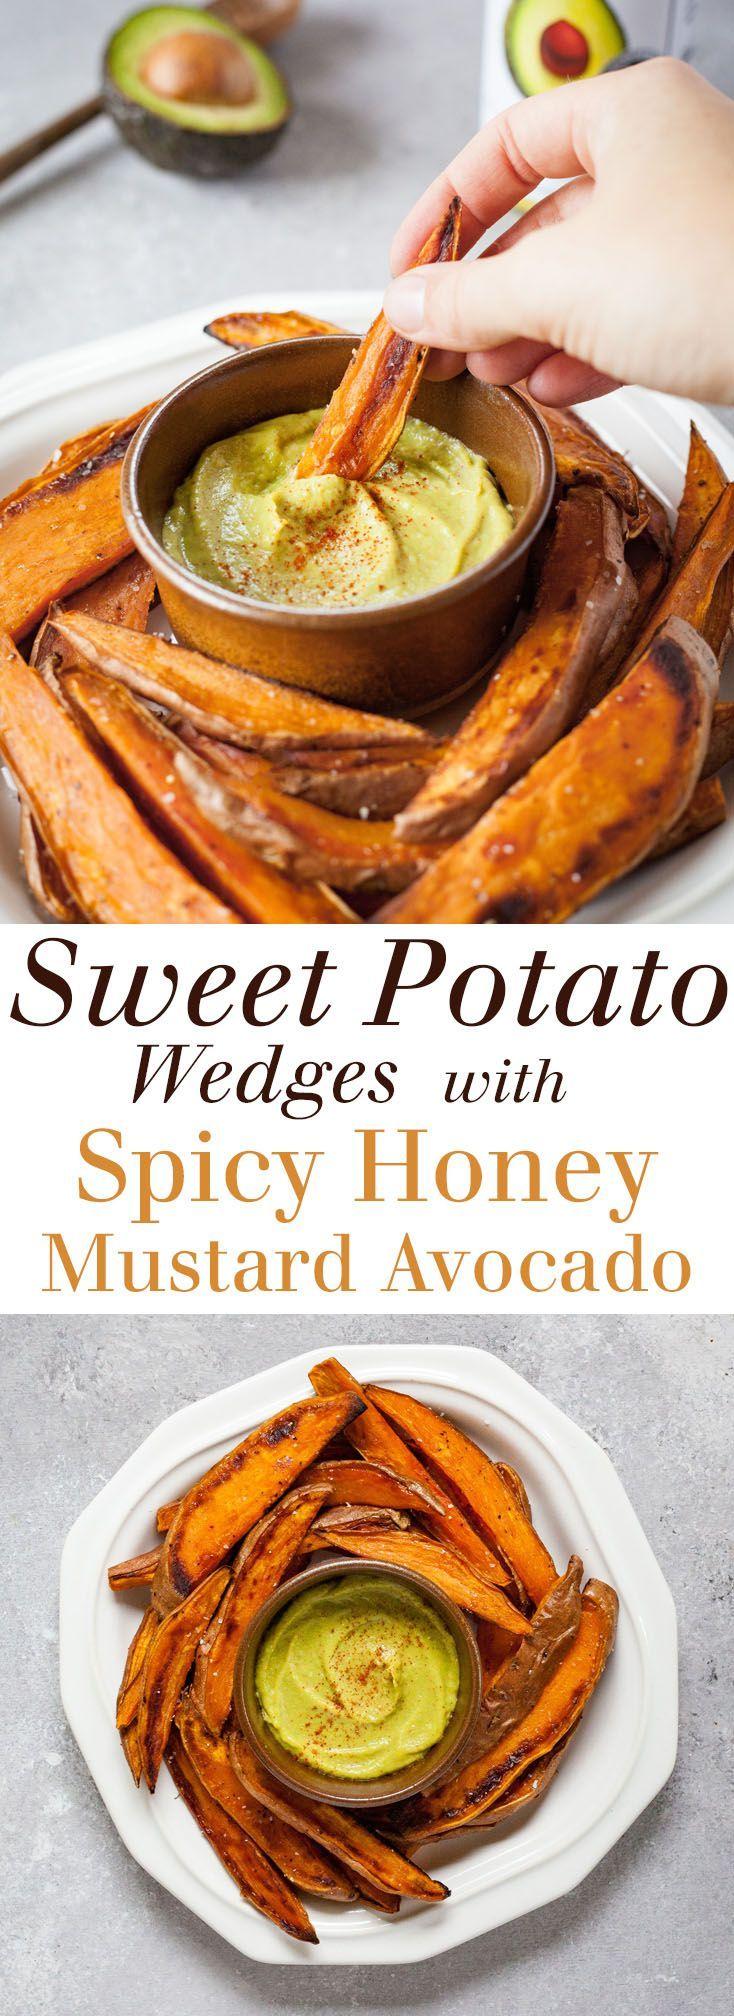 Sweet Potato Wedges with Spicy Honey Mustard Avocado Dip | theliveinkitchen.com @liveinkitchen